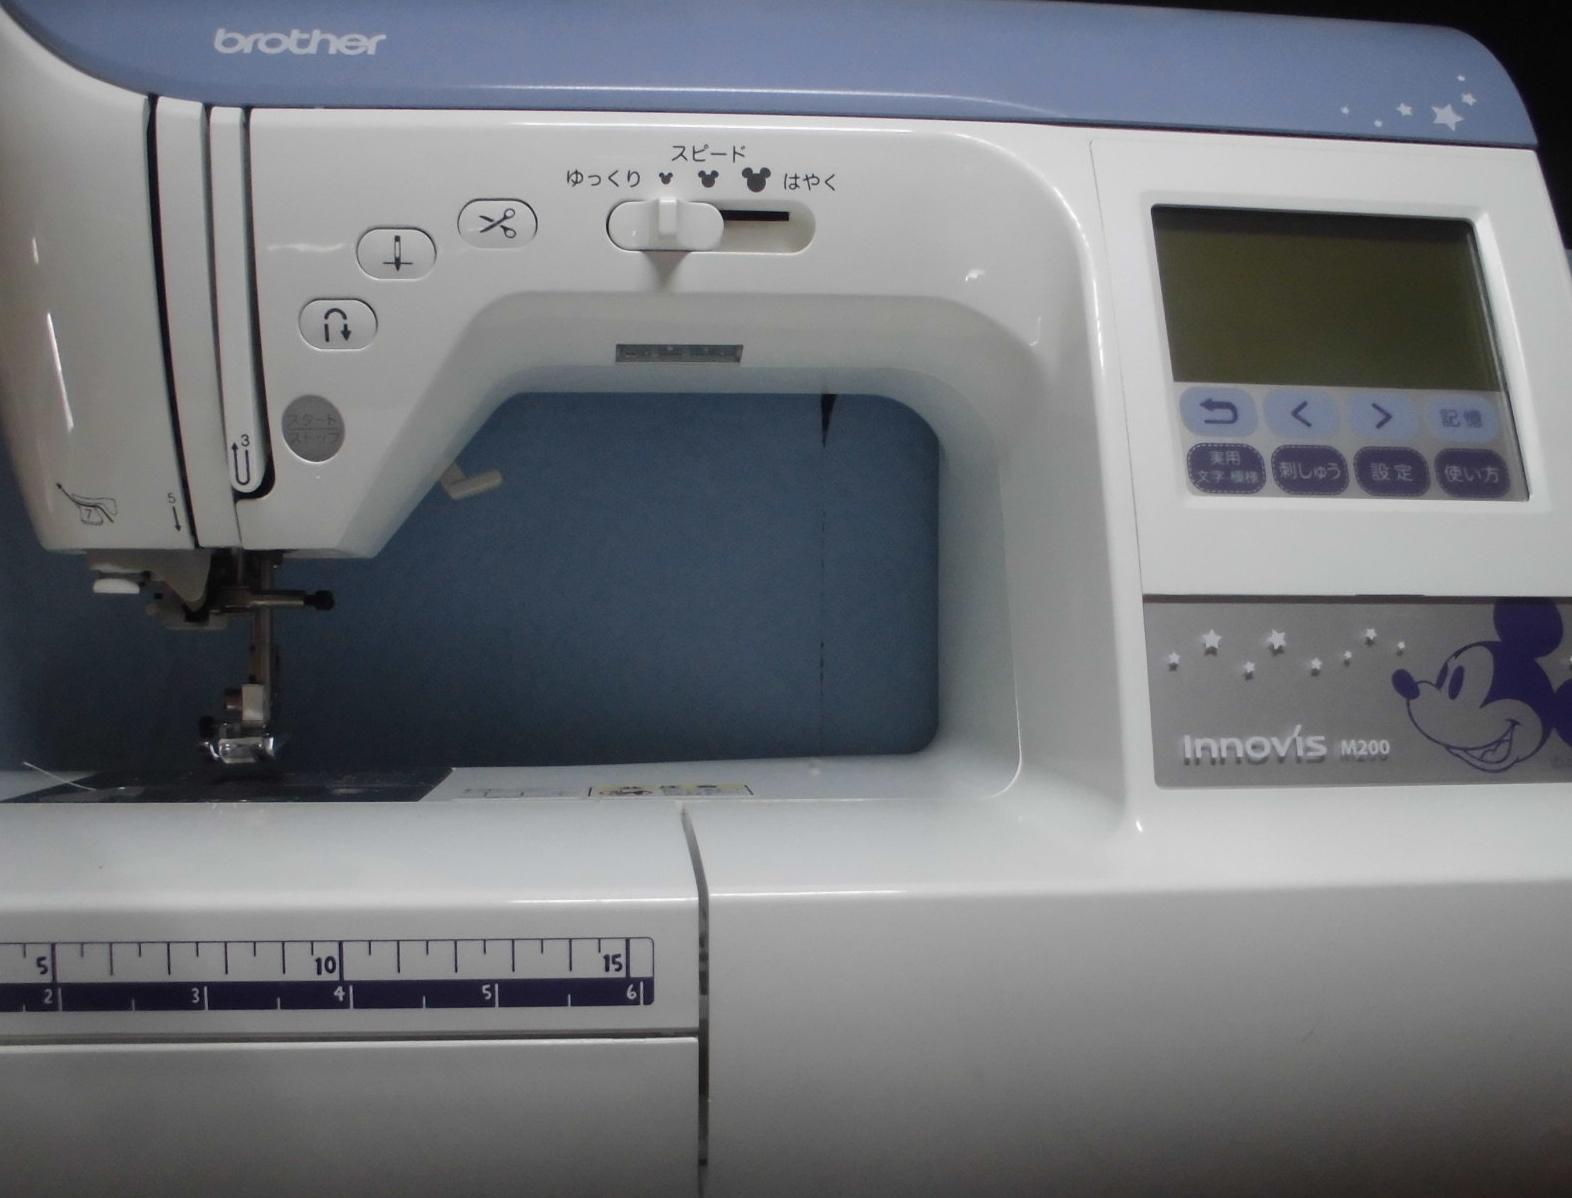 ブラザーミシン修理|イノヴィスM200|正常に縫えない、異音、糸絡み、部品の破損